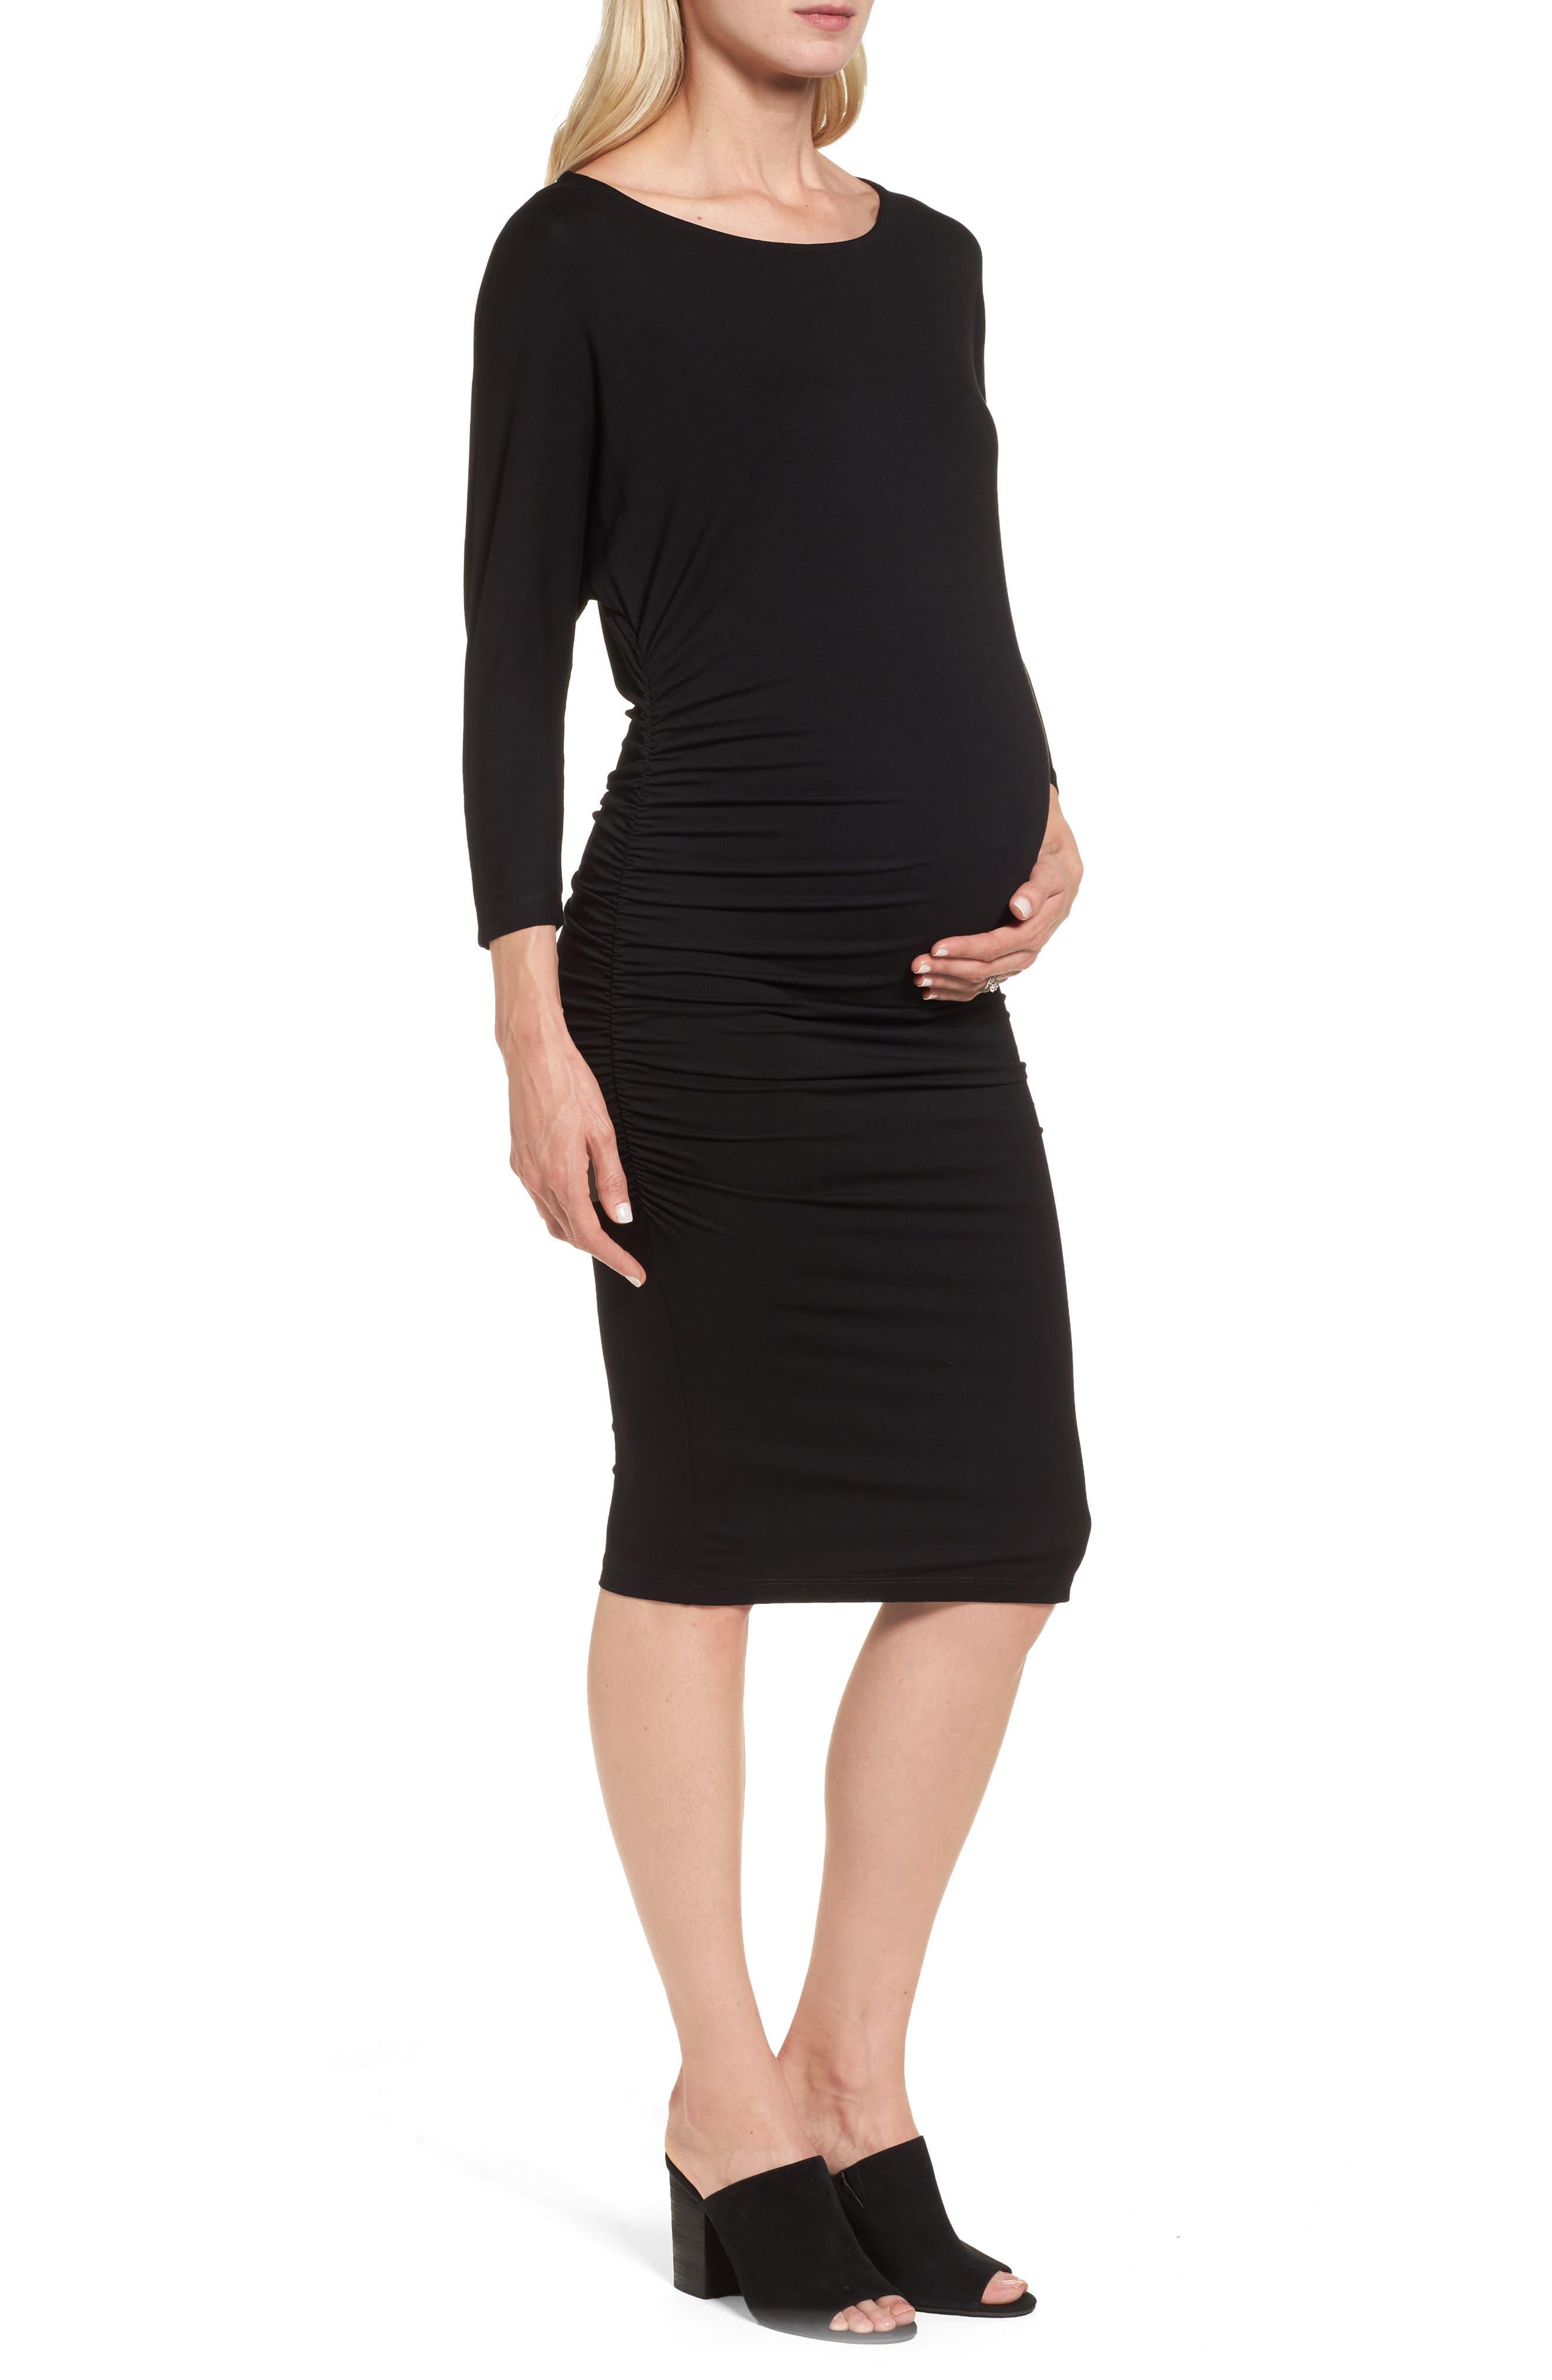 Jessa Maternity Dress,                             Alternate thumbnail 3, color,                             Caviar Black